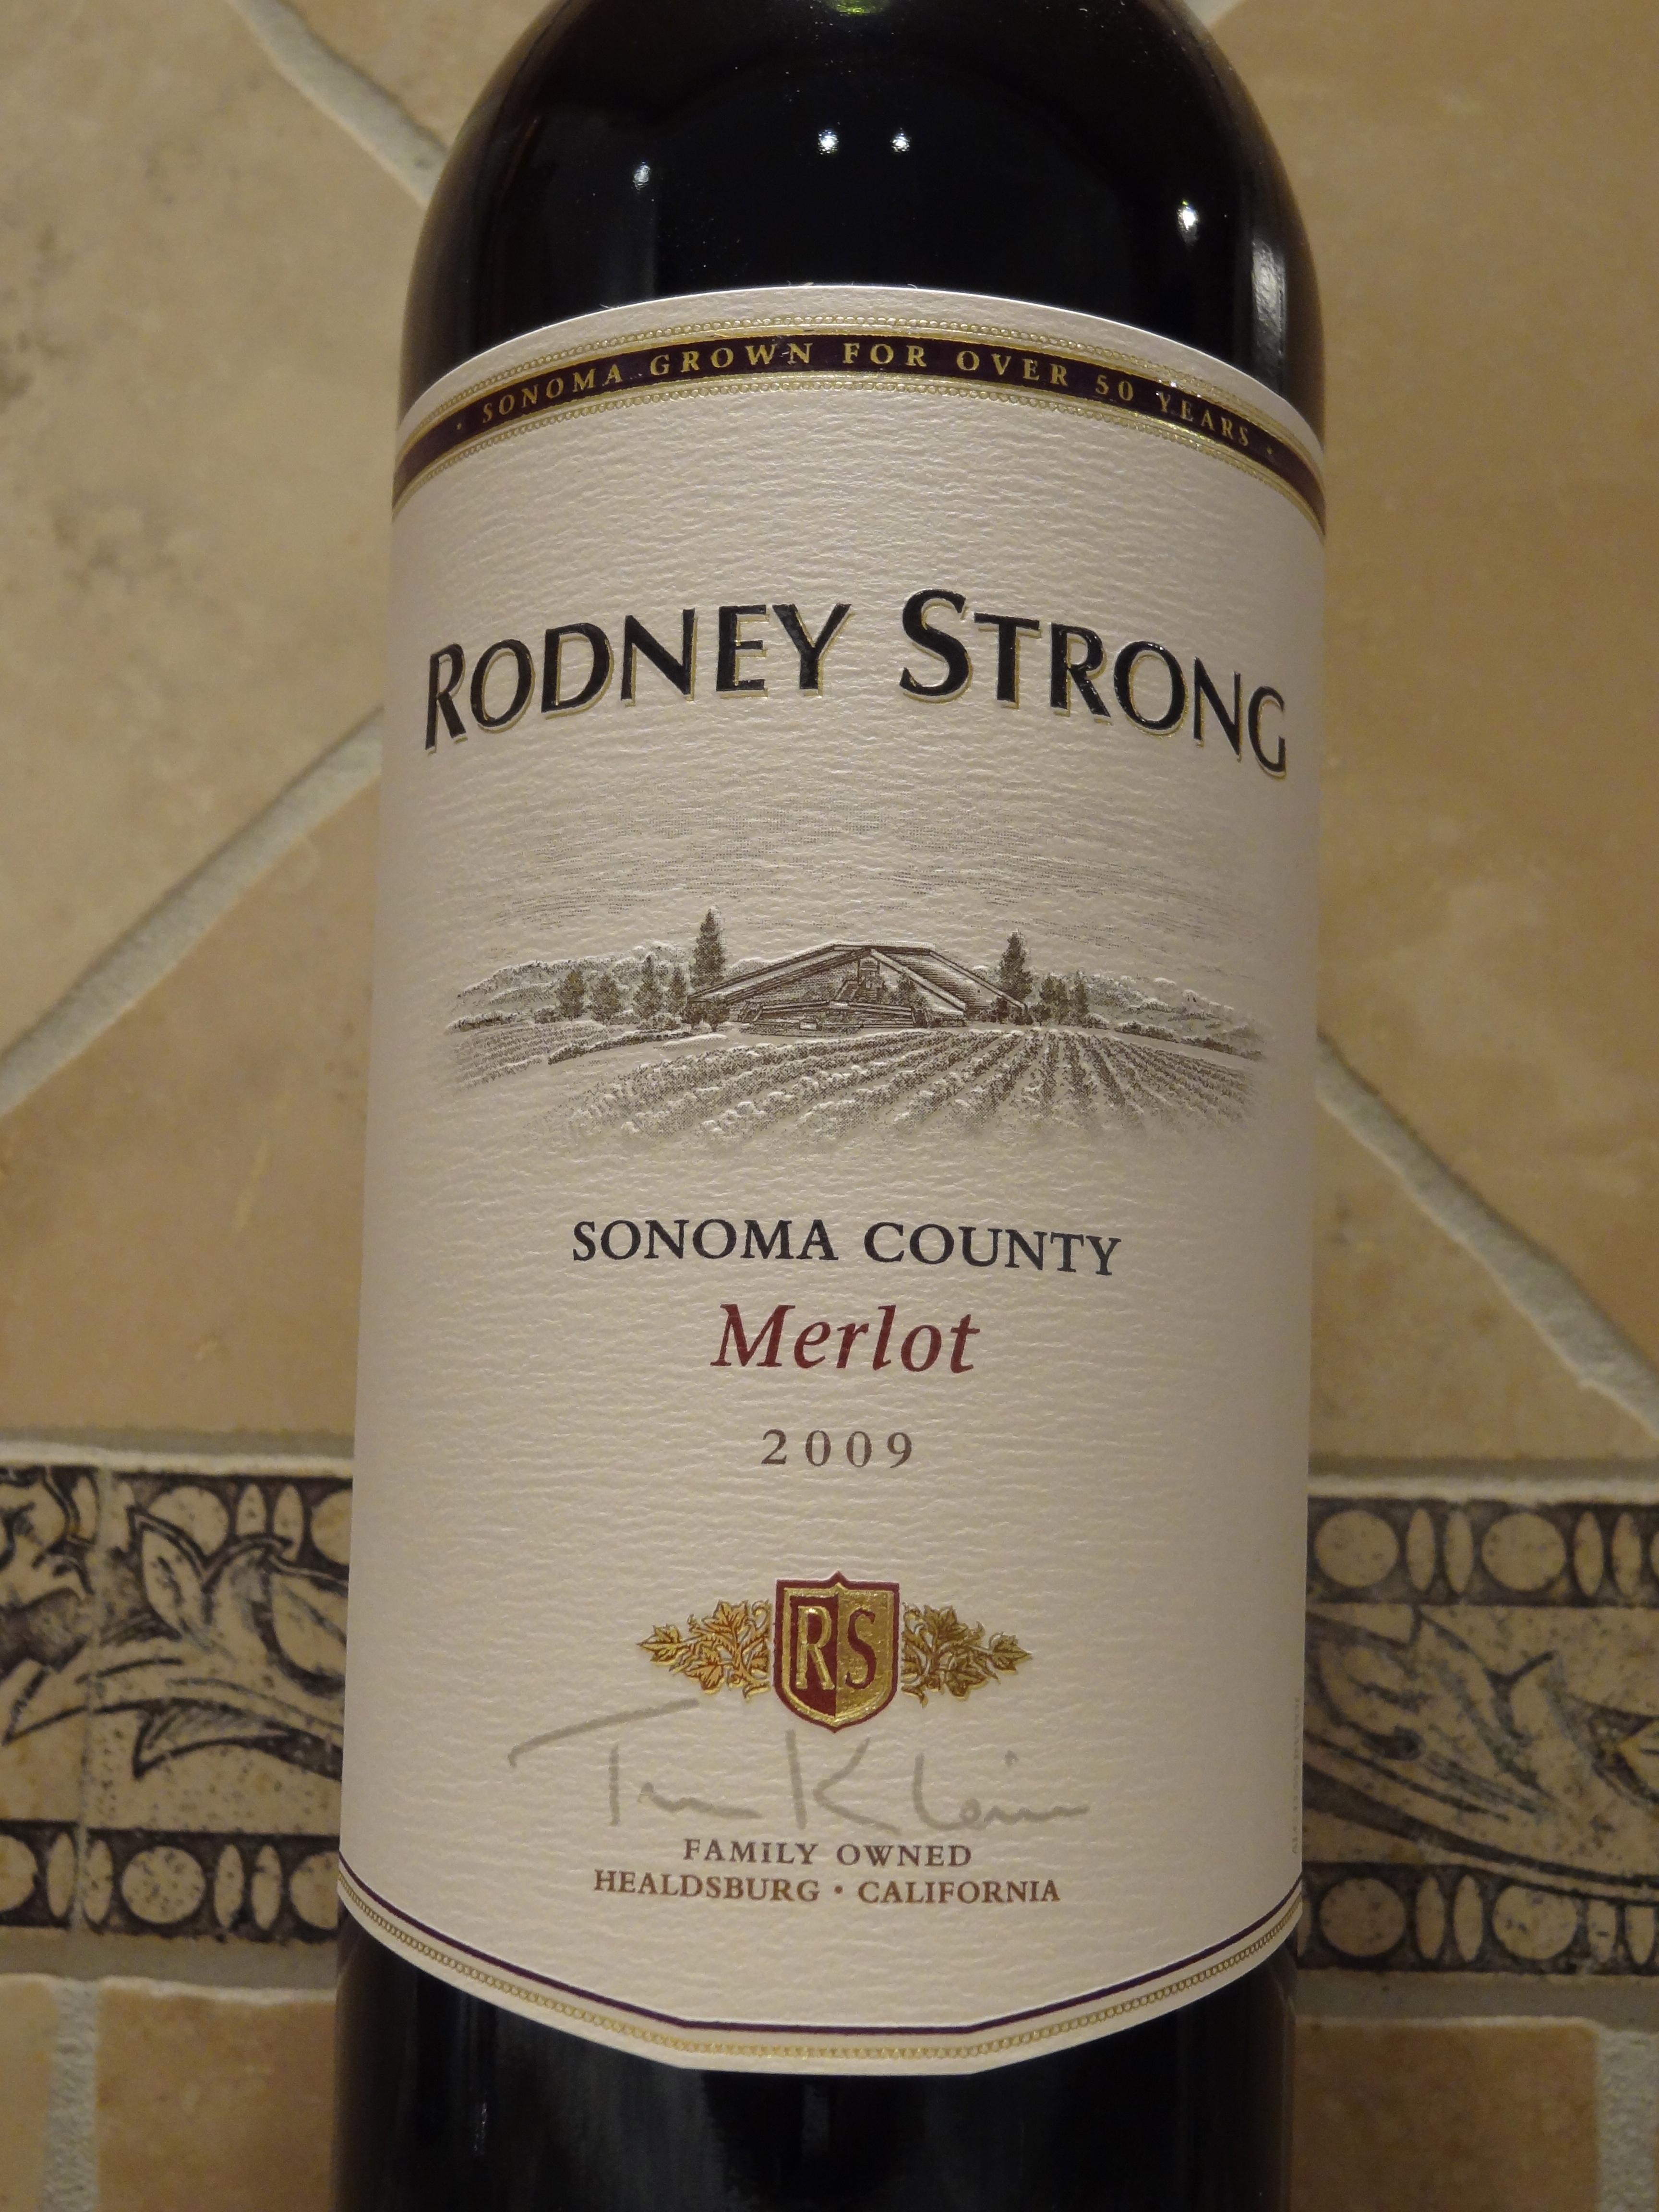 2009 Rodney Strong Sonoma County Merlot